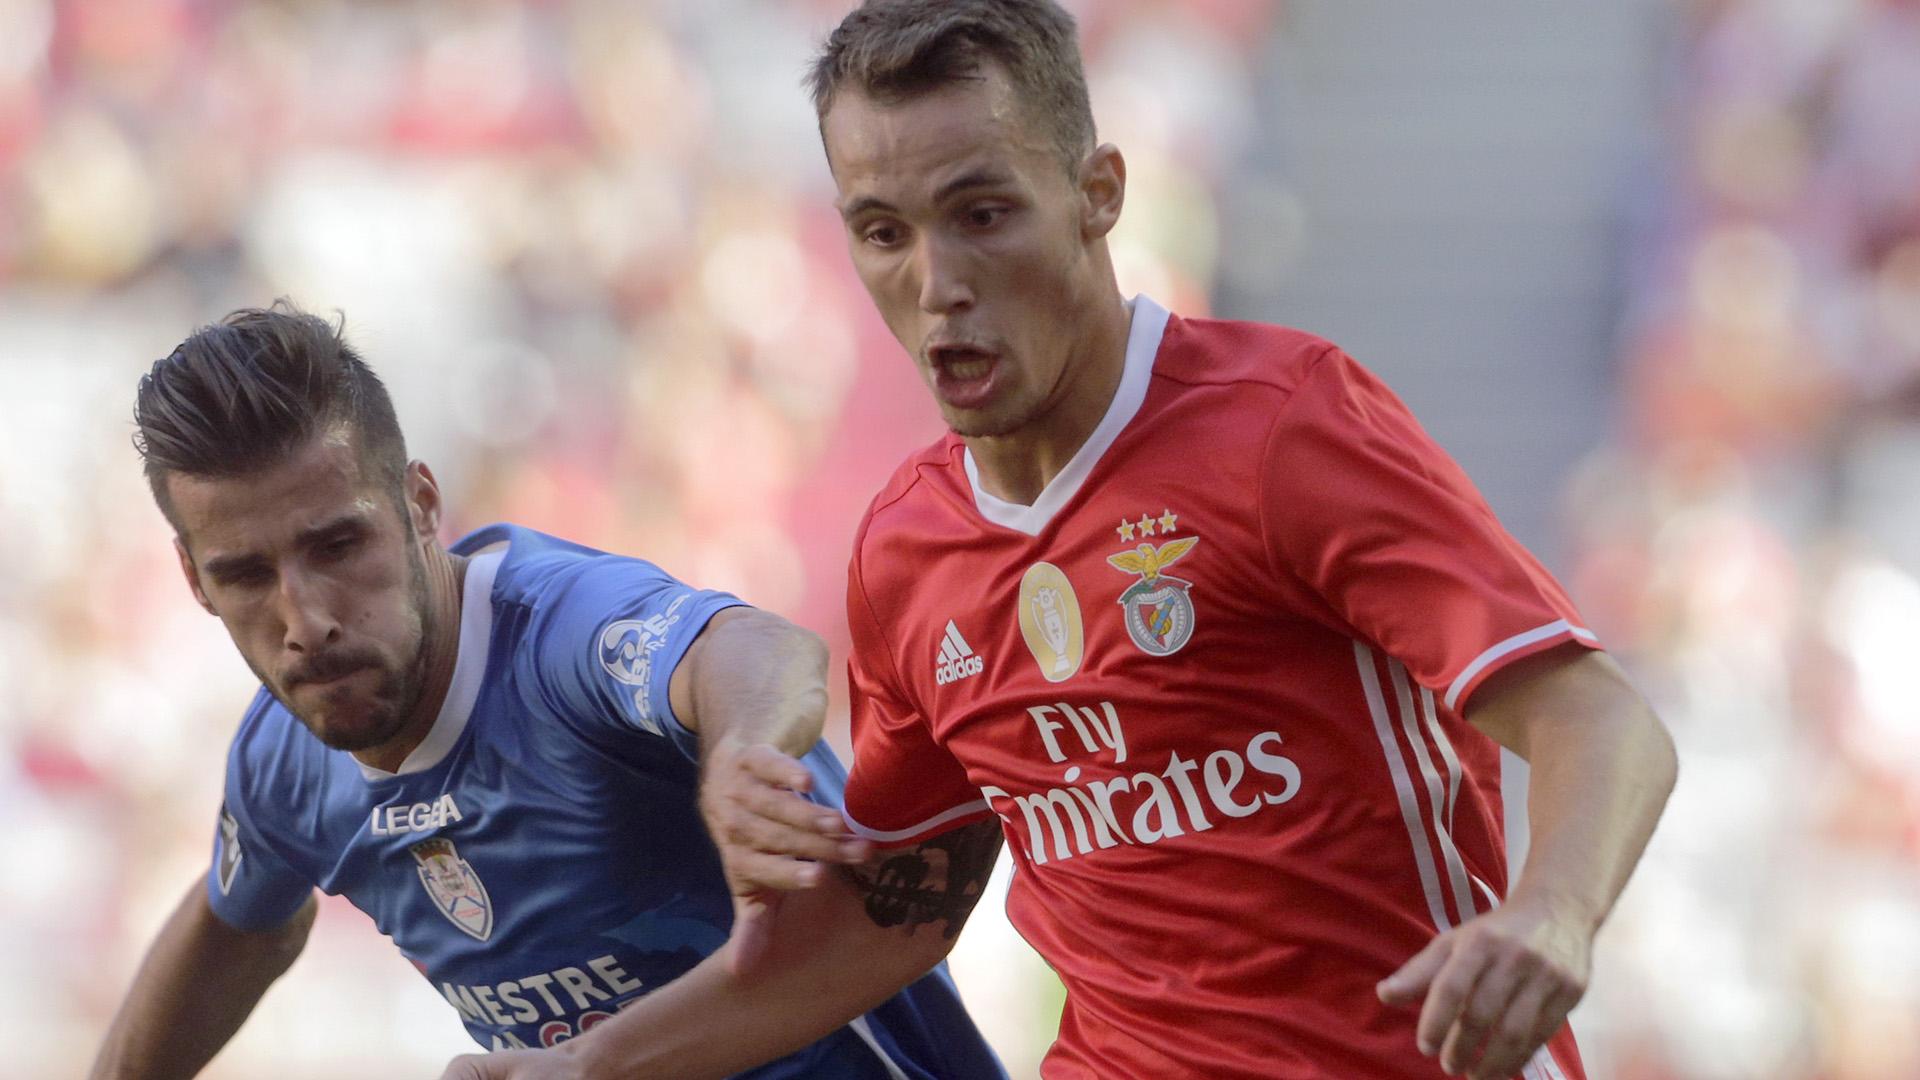 Benfica's Alex Grimaldo (R) with Feirense's Luis Aurelio (L)